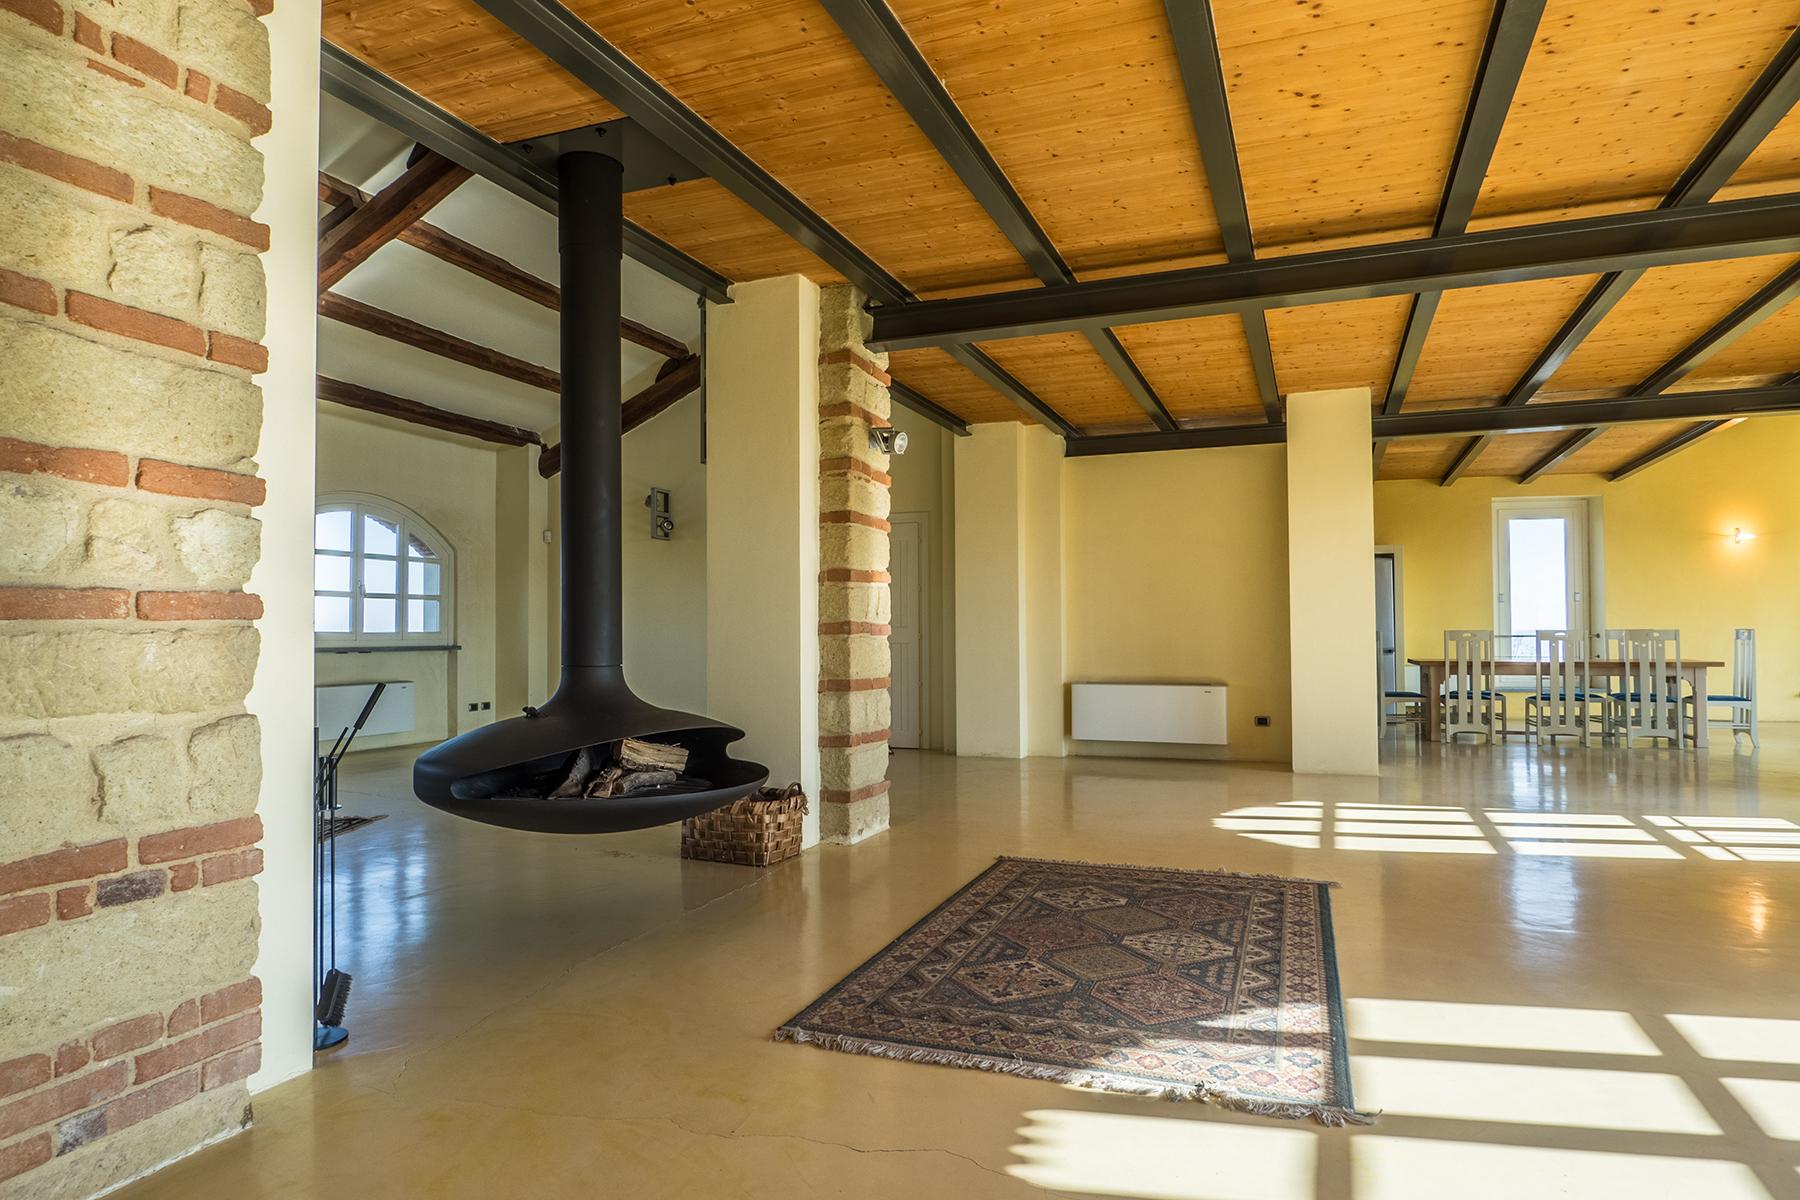 Rustico in Vendita a Vignale Monferrato: 5 locali, 1400 mq - Foto 17